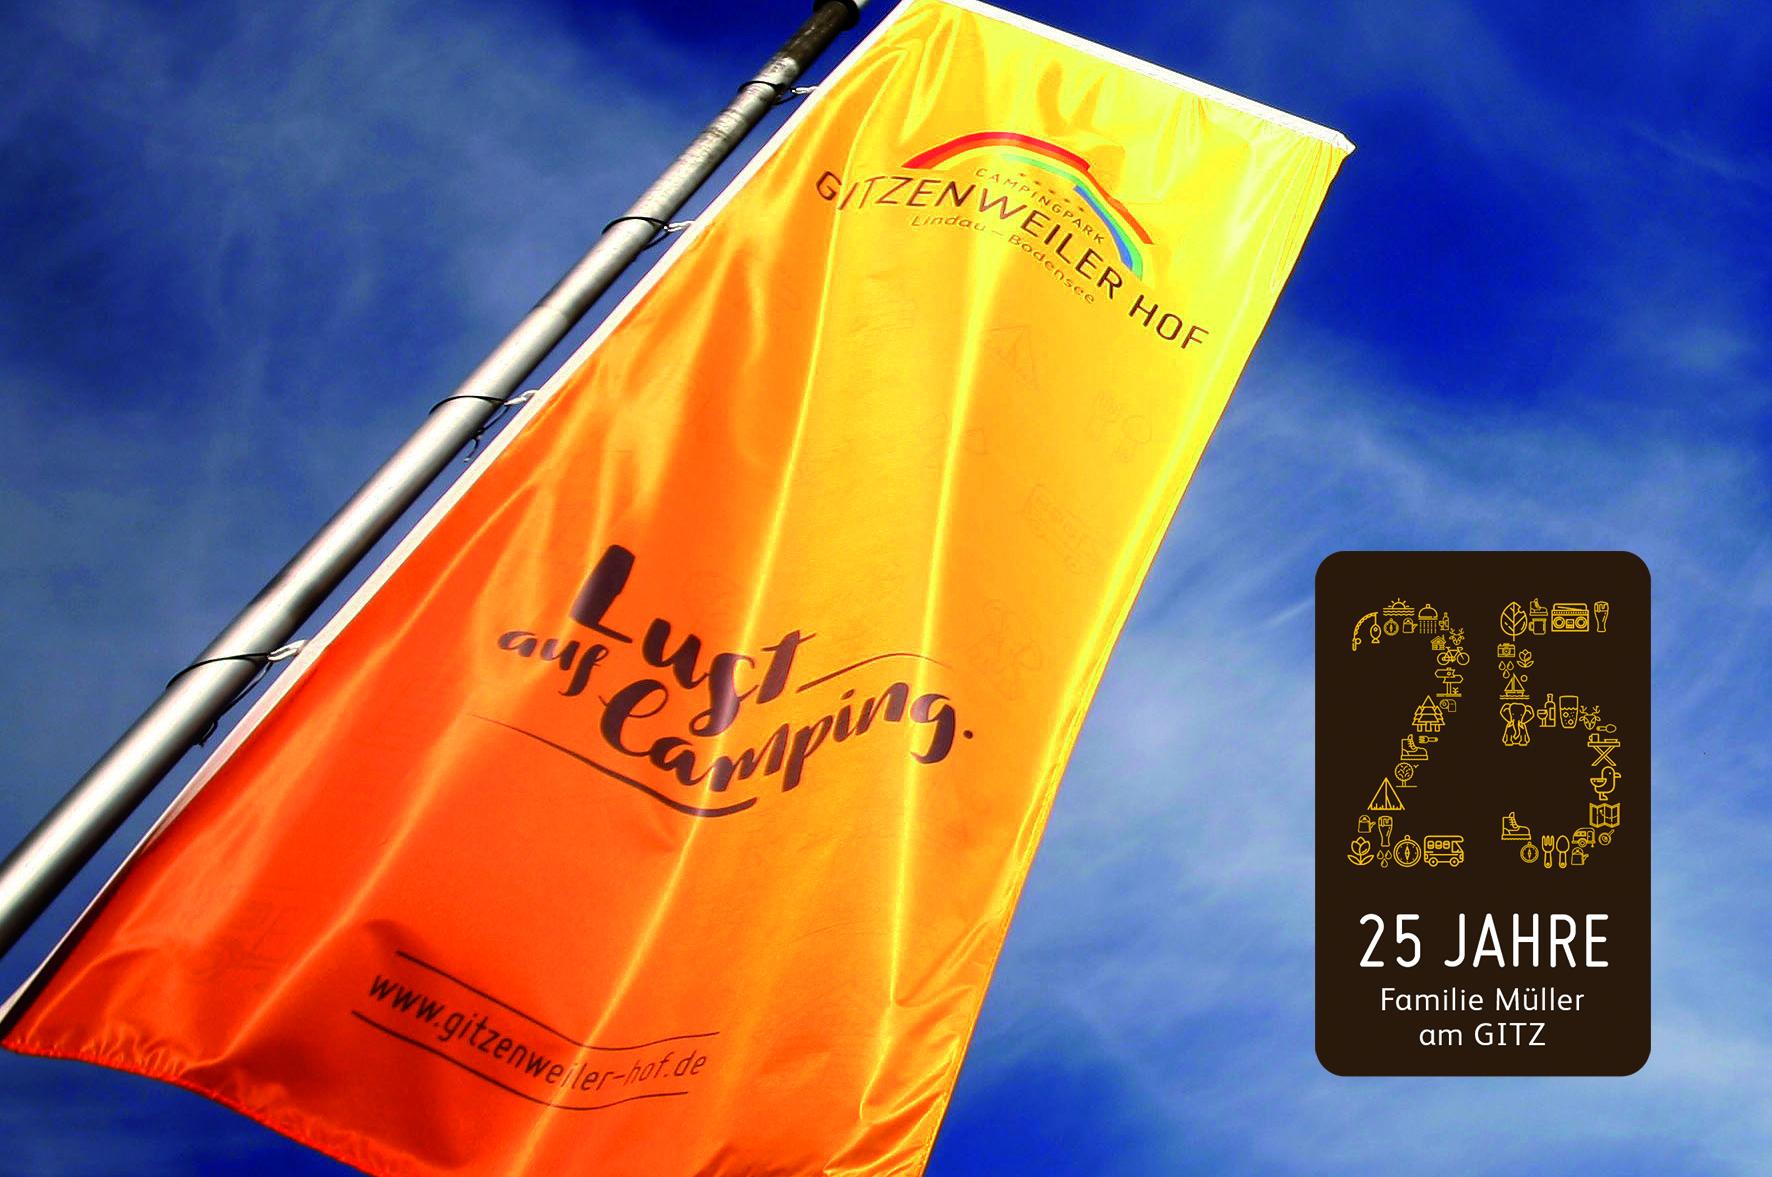 Jubiläum 25 Jahre Gitzenweiler Hof